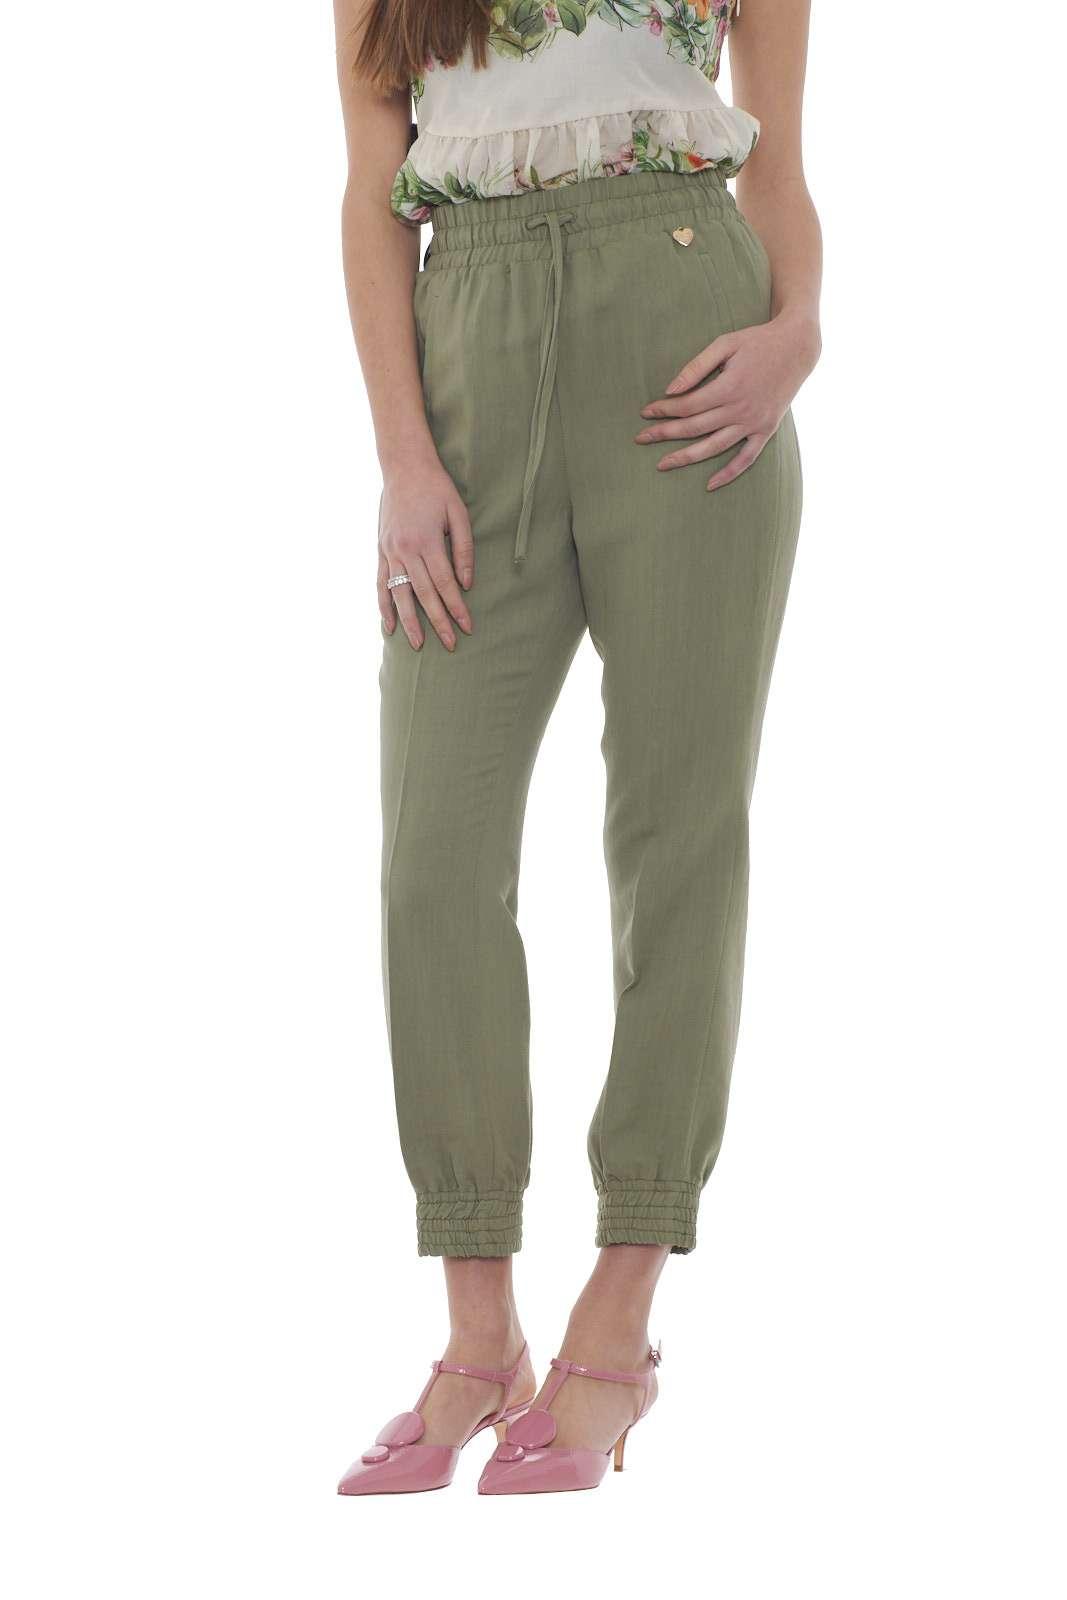 https://www.parmax.com/media/catalog/product/a/i/PE-outlet_parmax-pantaloni-donna-Twin-Set-201TT2215-A.jpg